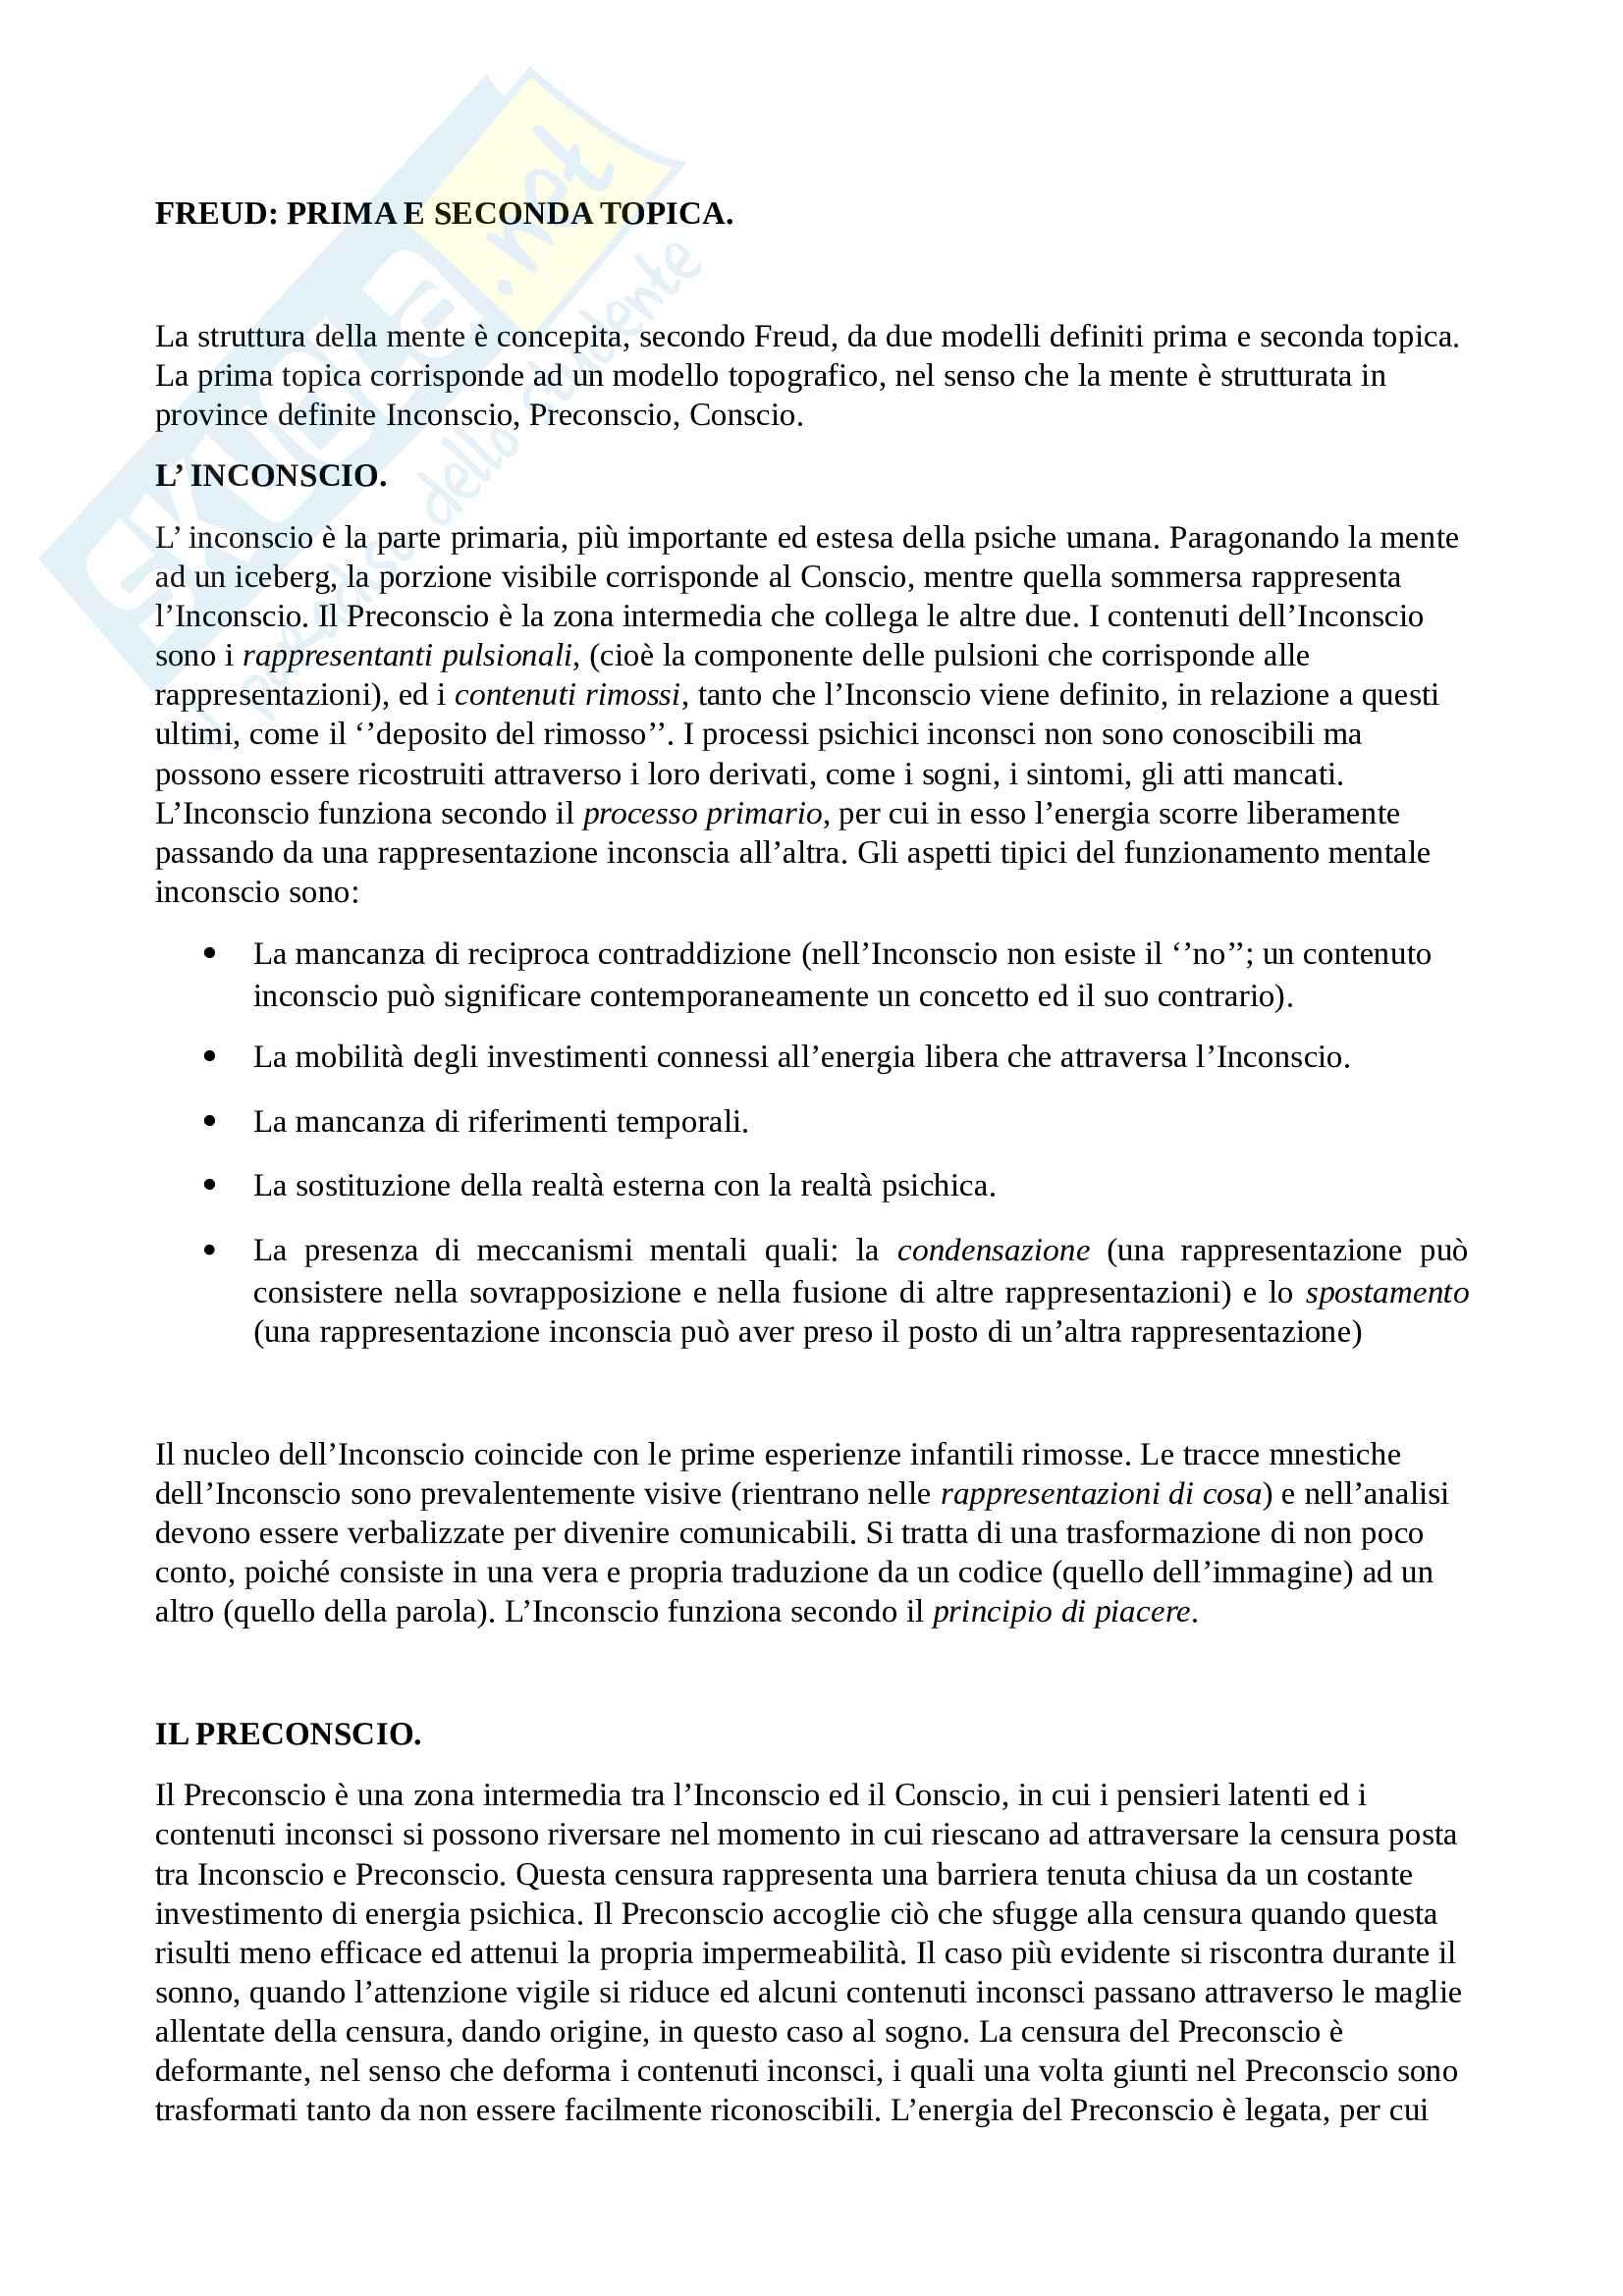 Freud. Prima e seconda topica (processo primario e secondario;principio di piacere e principio di realtà)